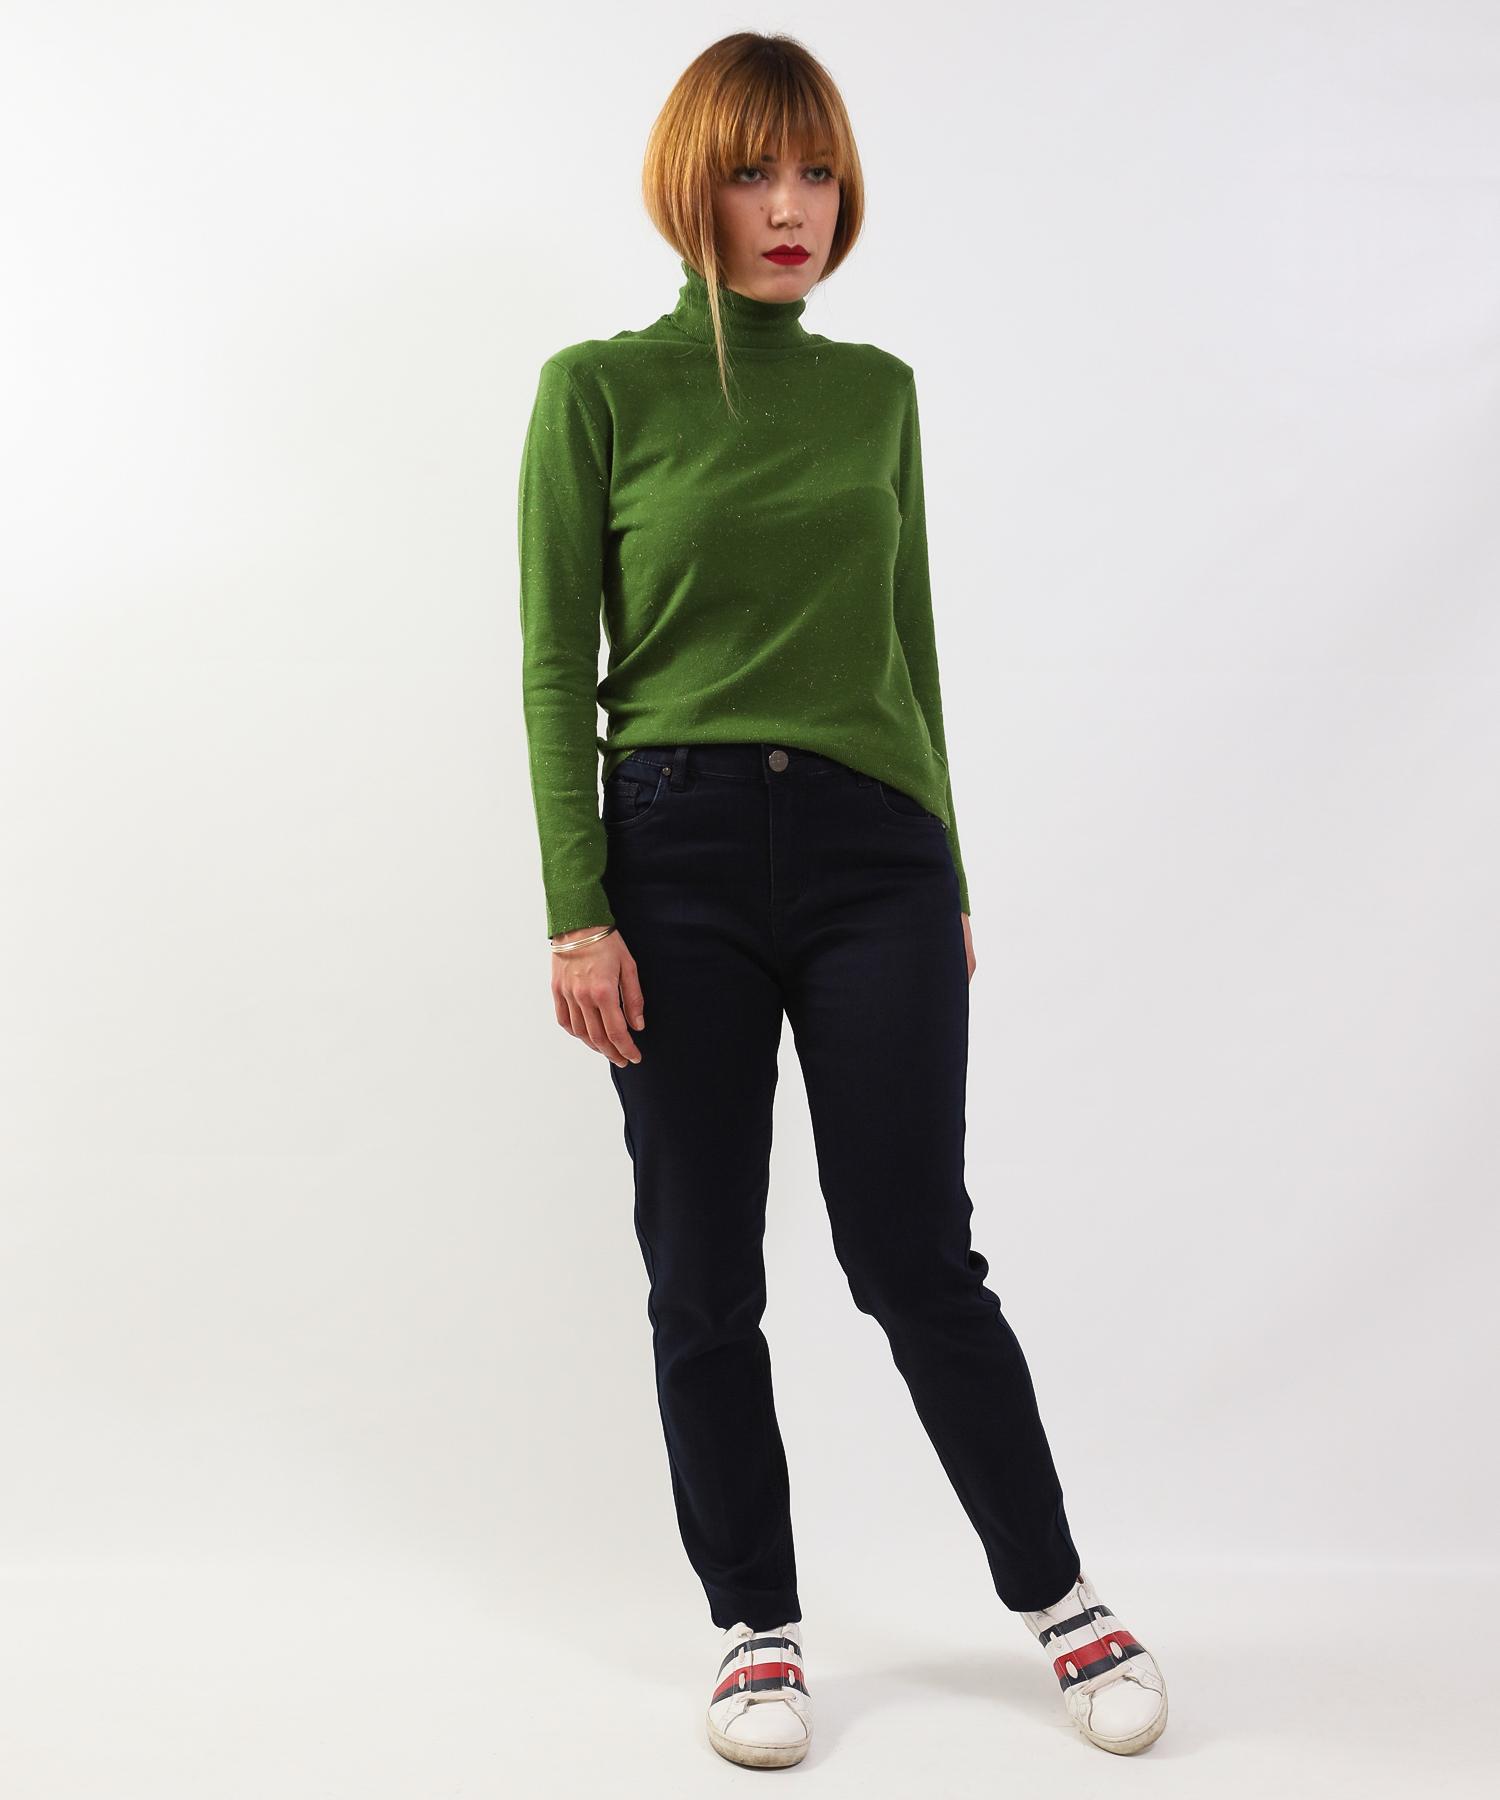 Μπλούζα Πλεκτή Ζιβάγκο Πράσινη